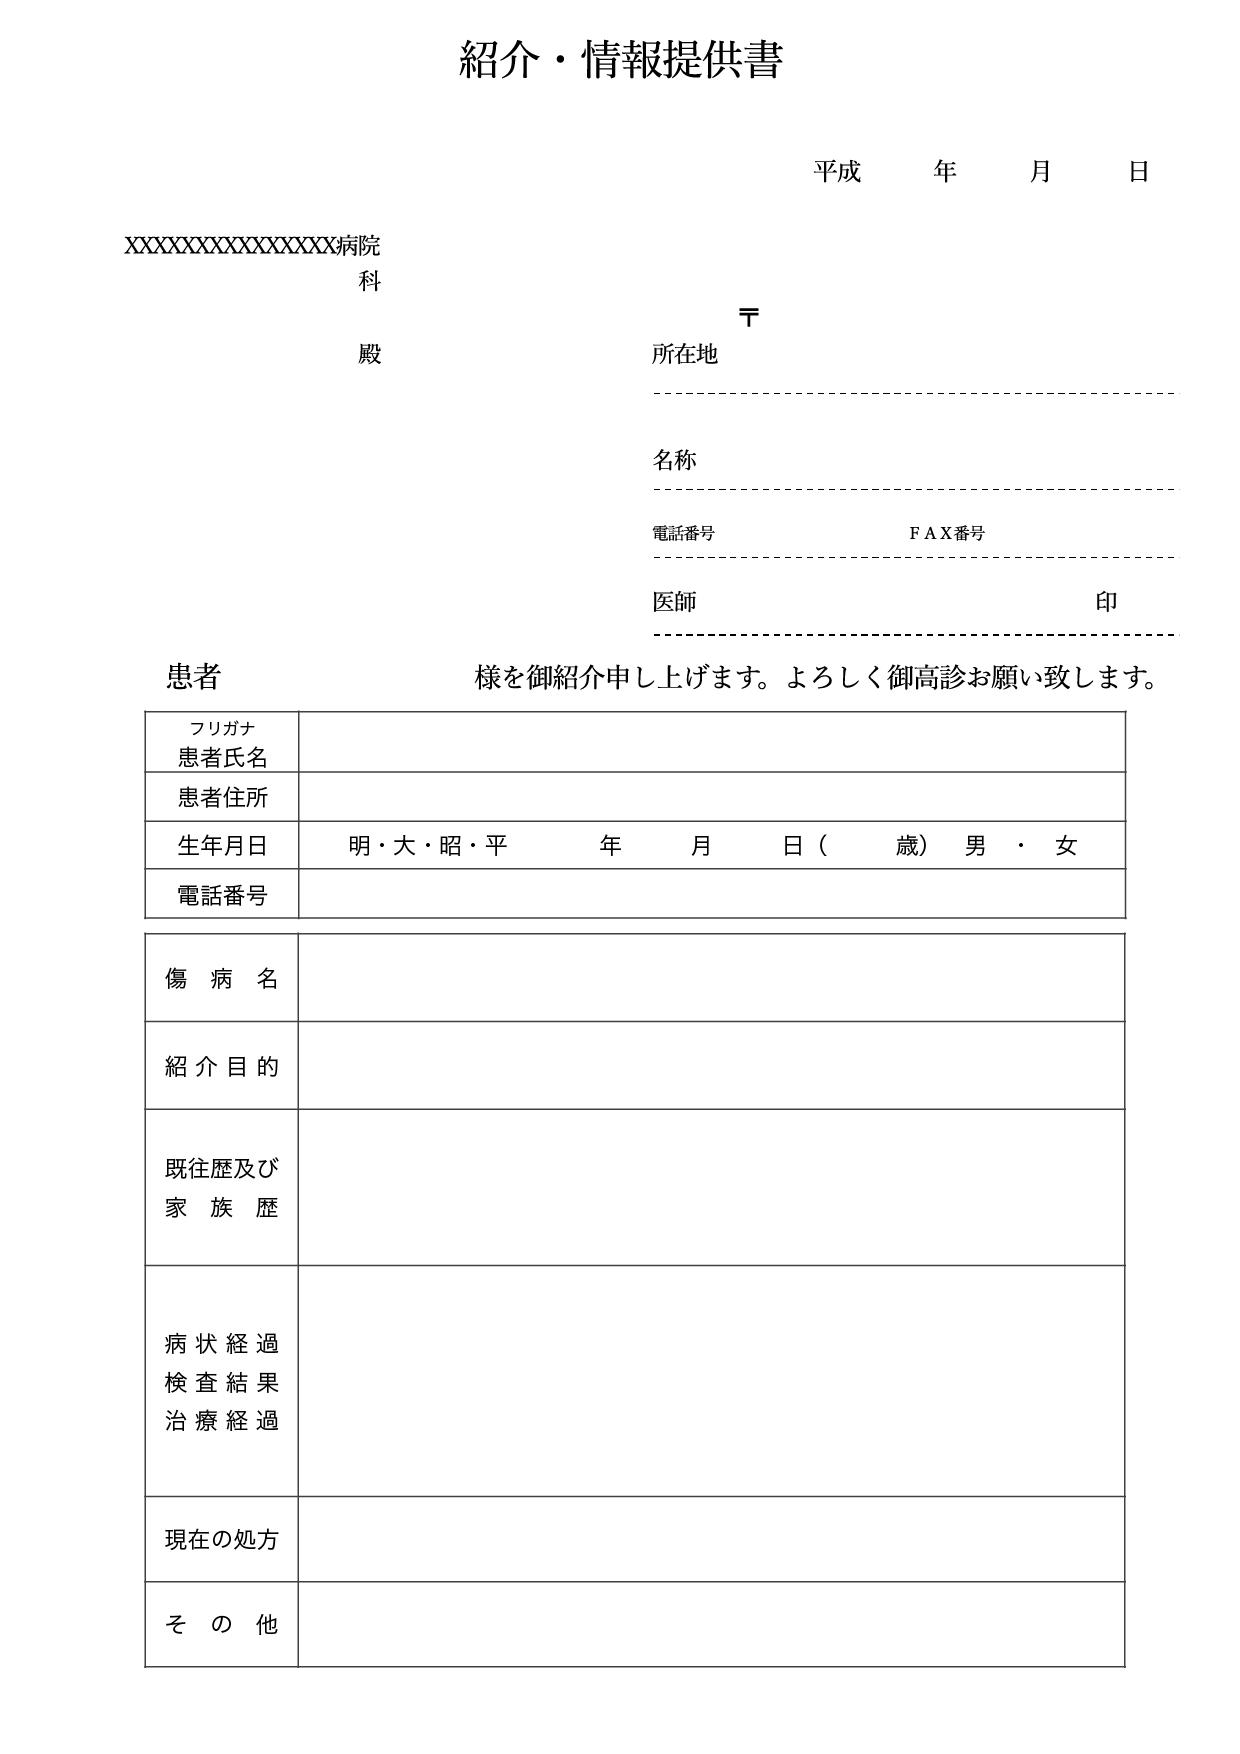 紹介状 テンプレート『医療/病院』(ワード・ページズ)